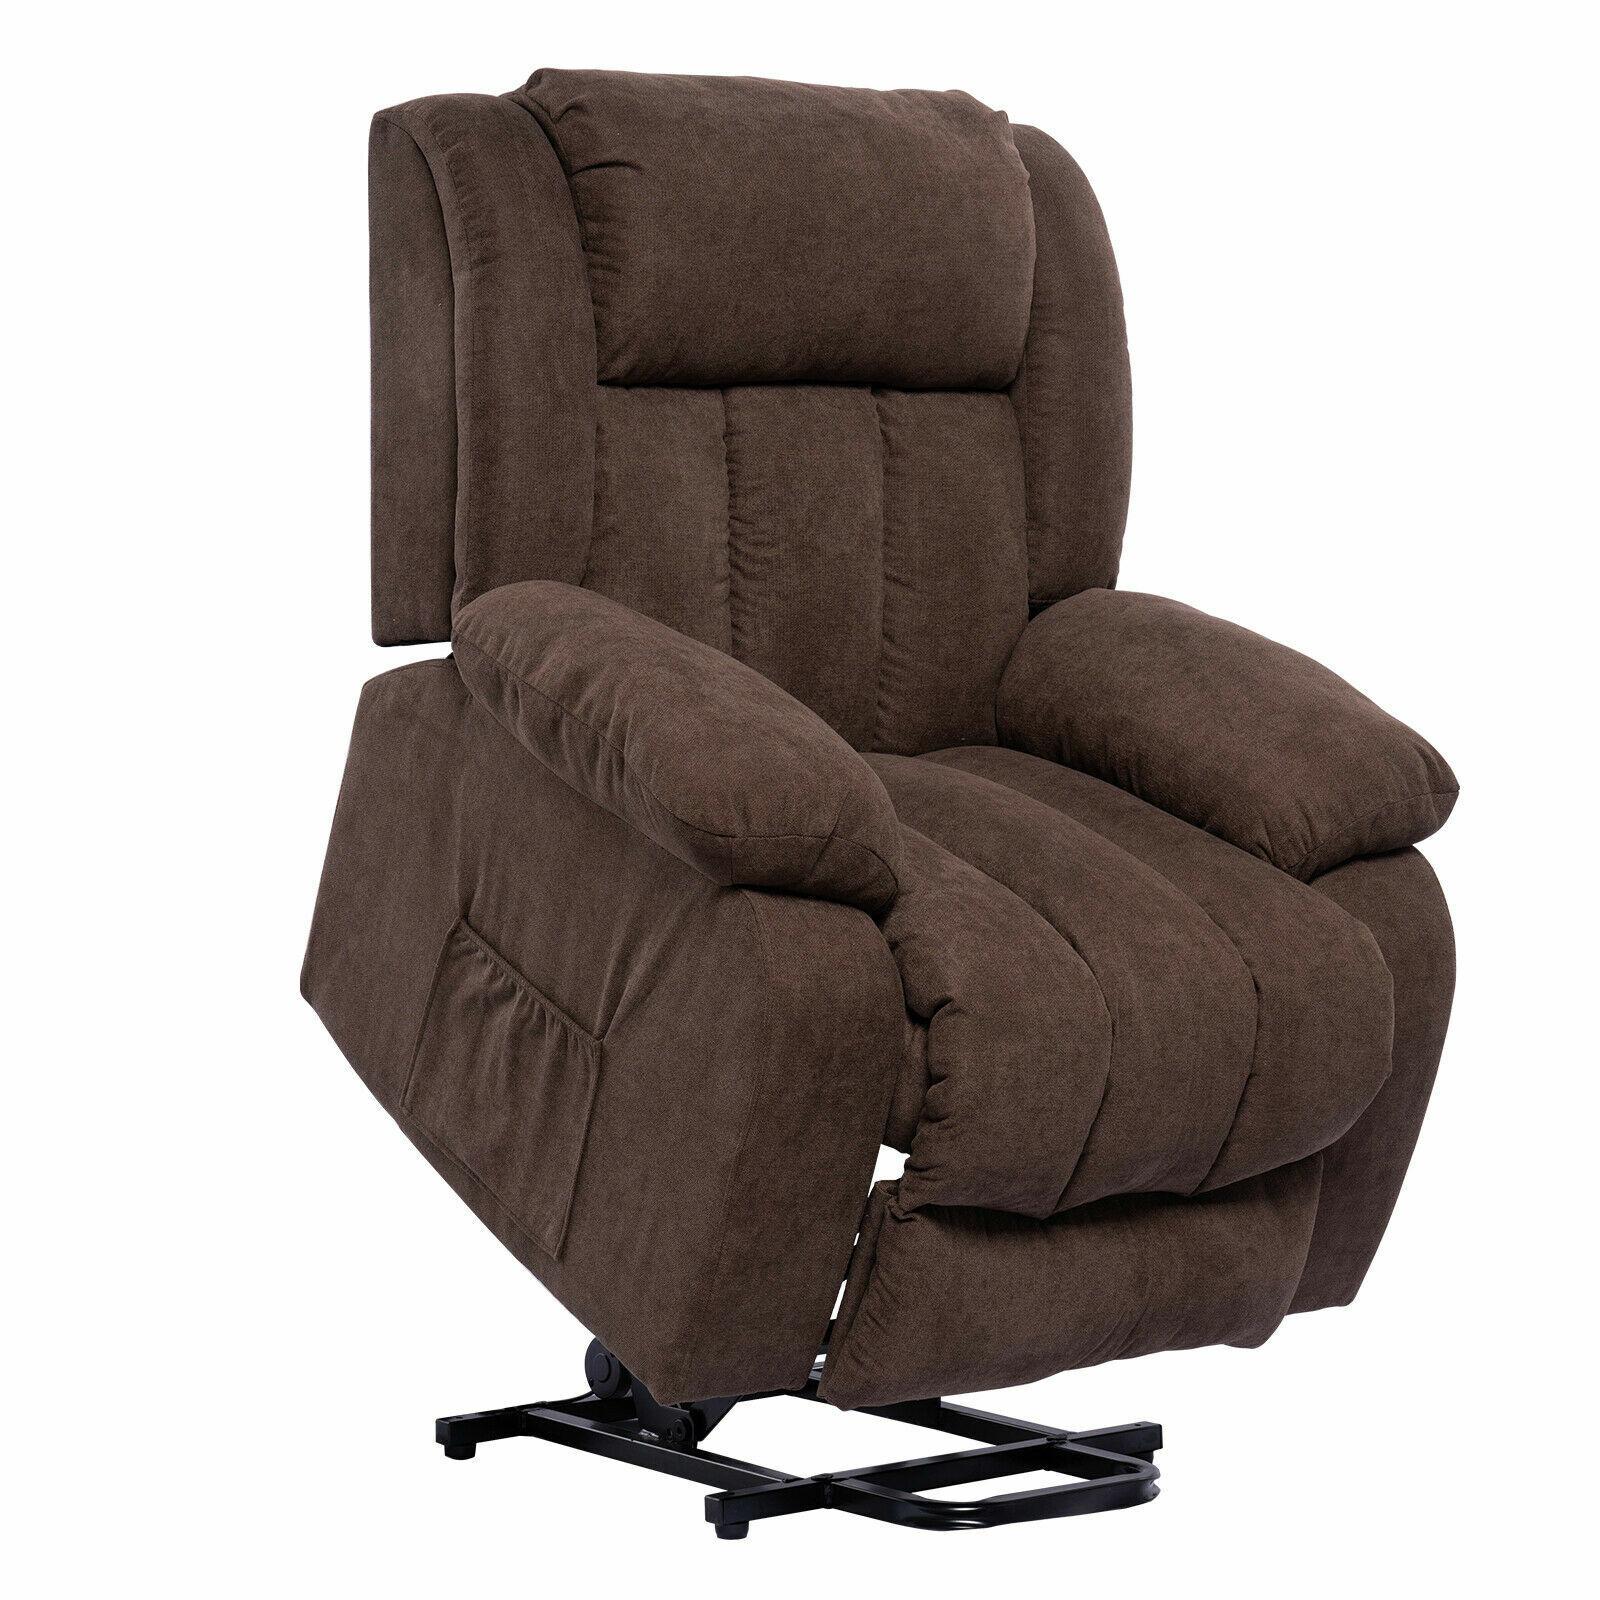 Lift Massage Recliner Chair for Elderly Heated fabric Rocker